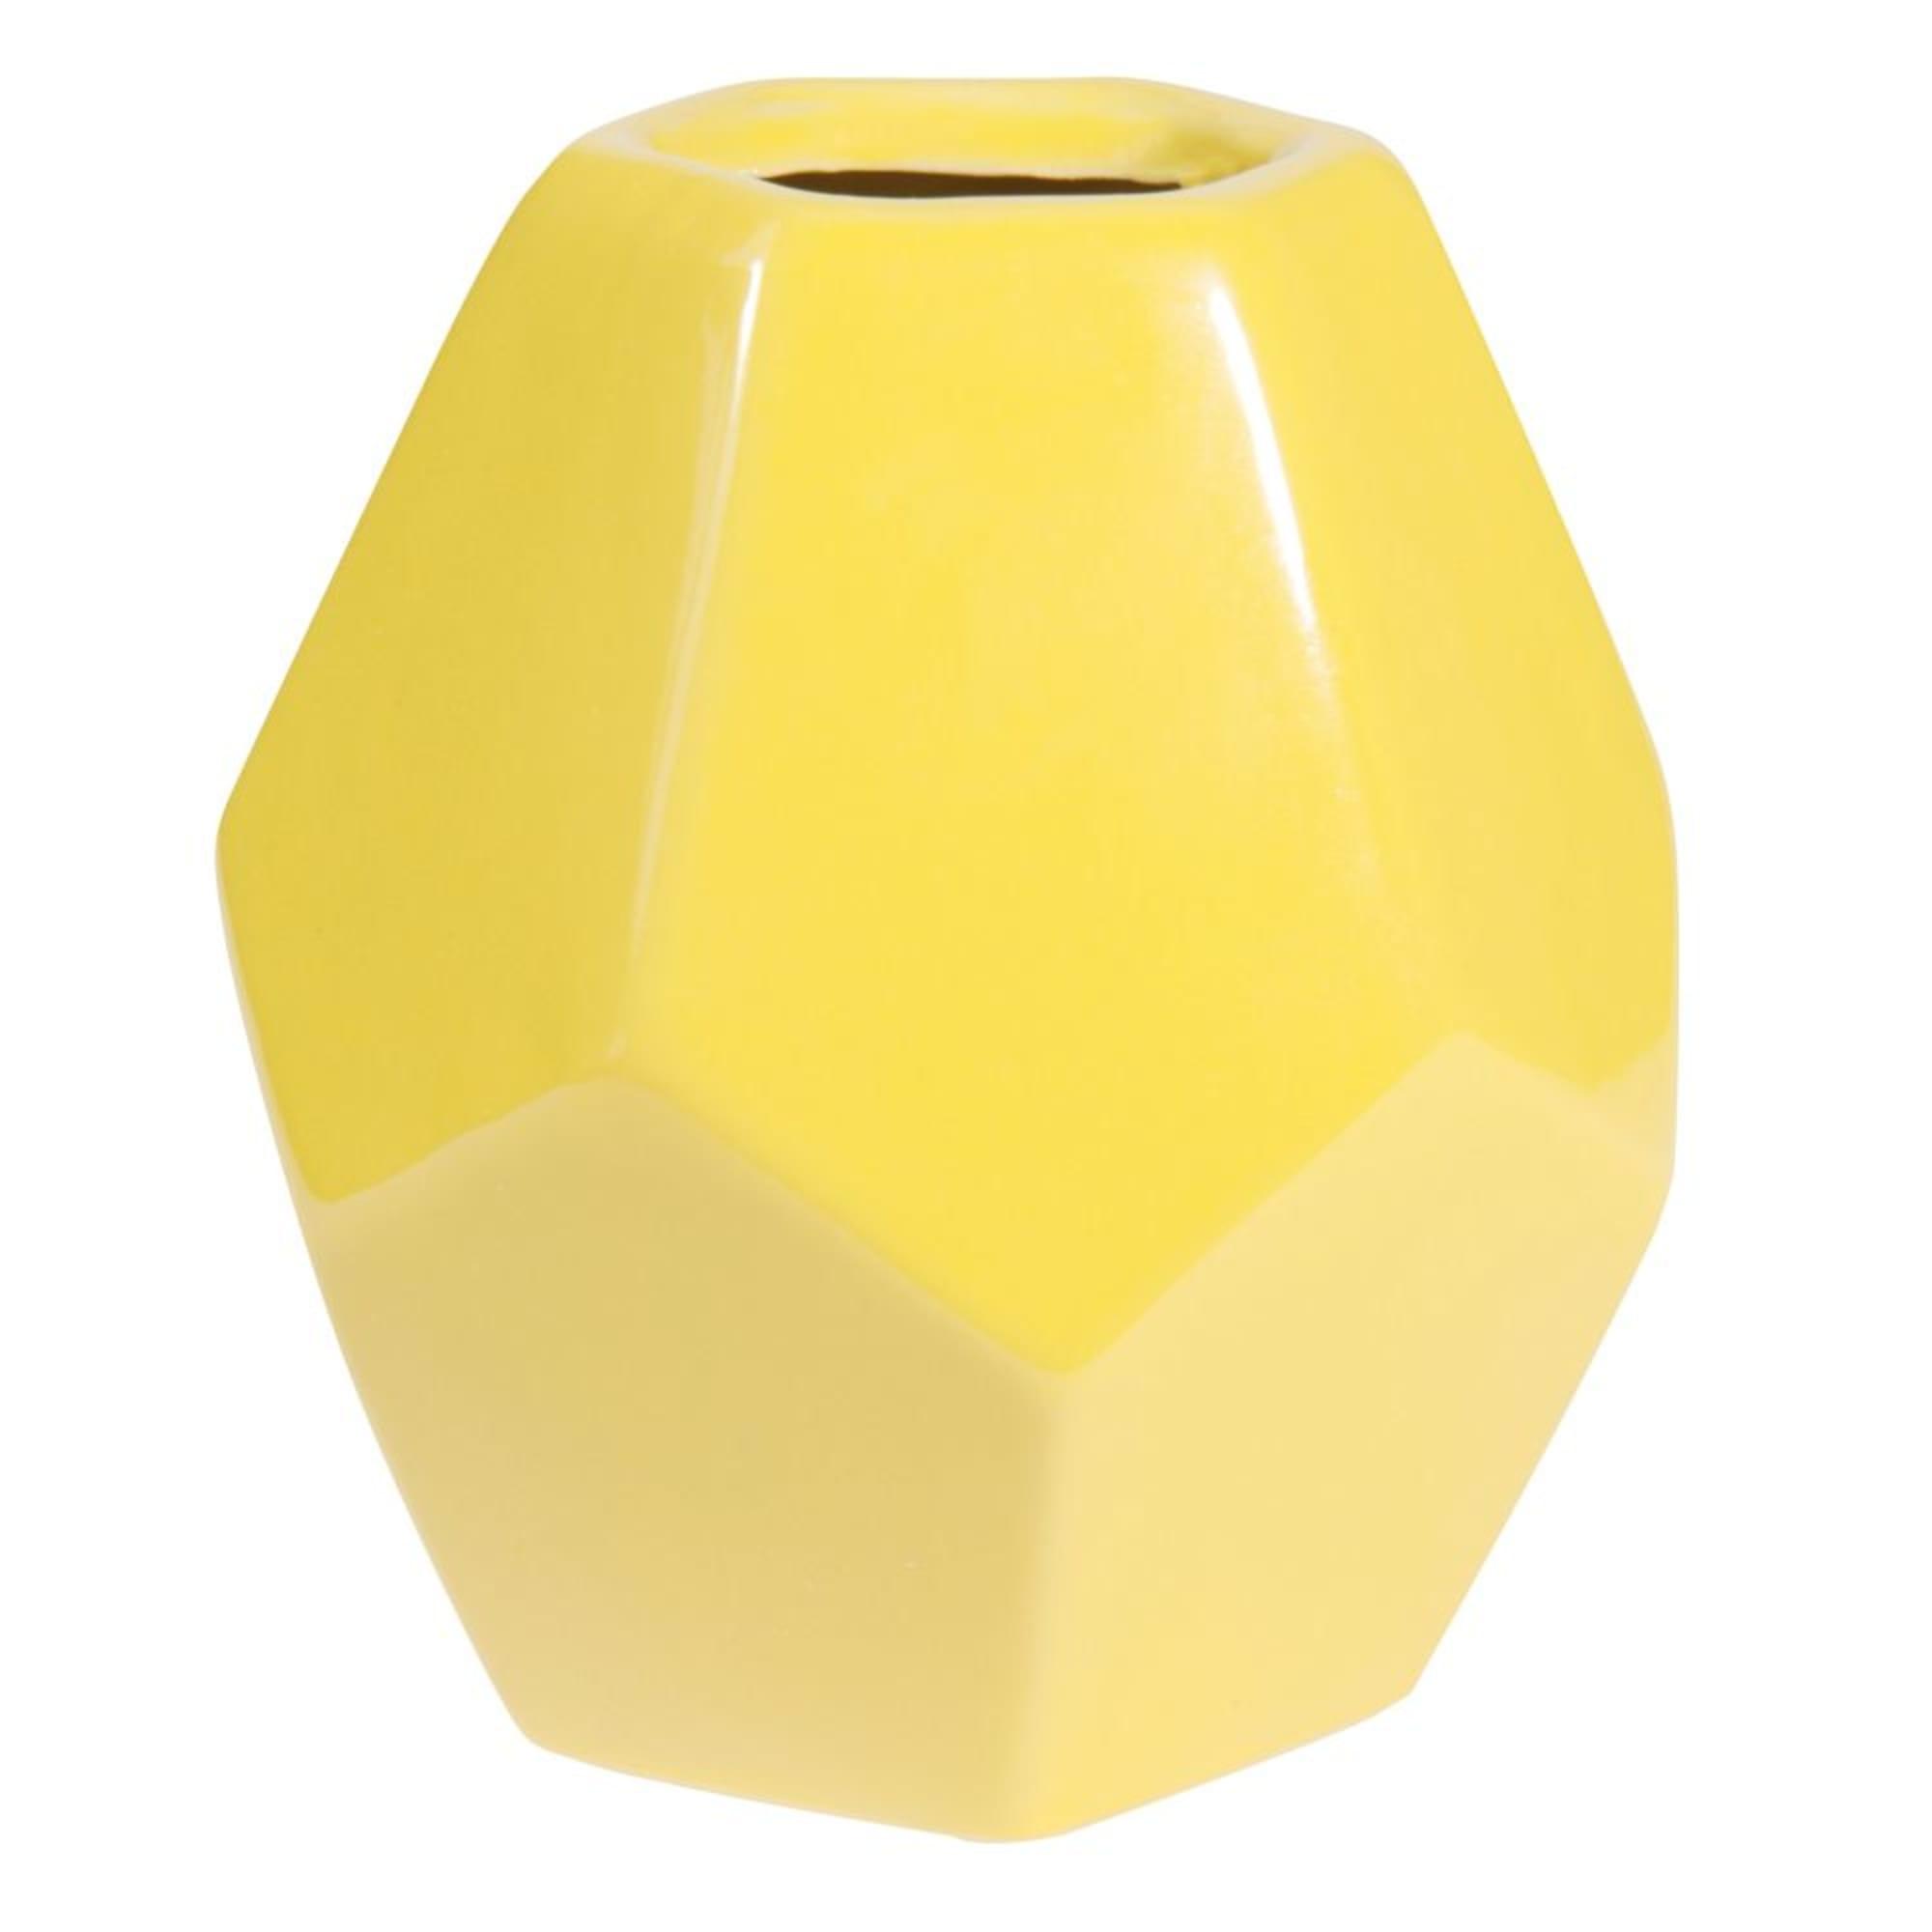 Jarrón de cerámica amarillo